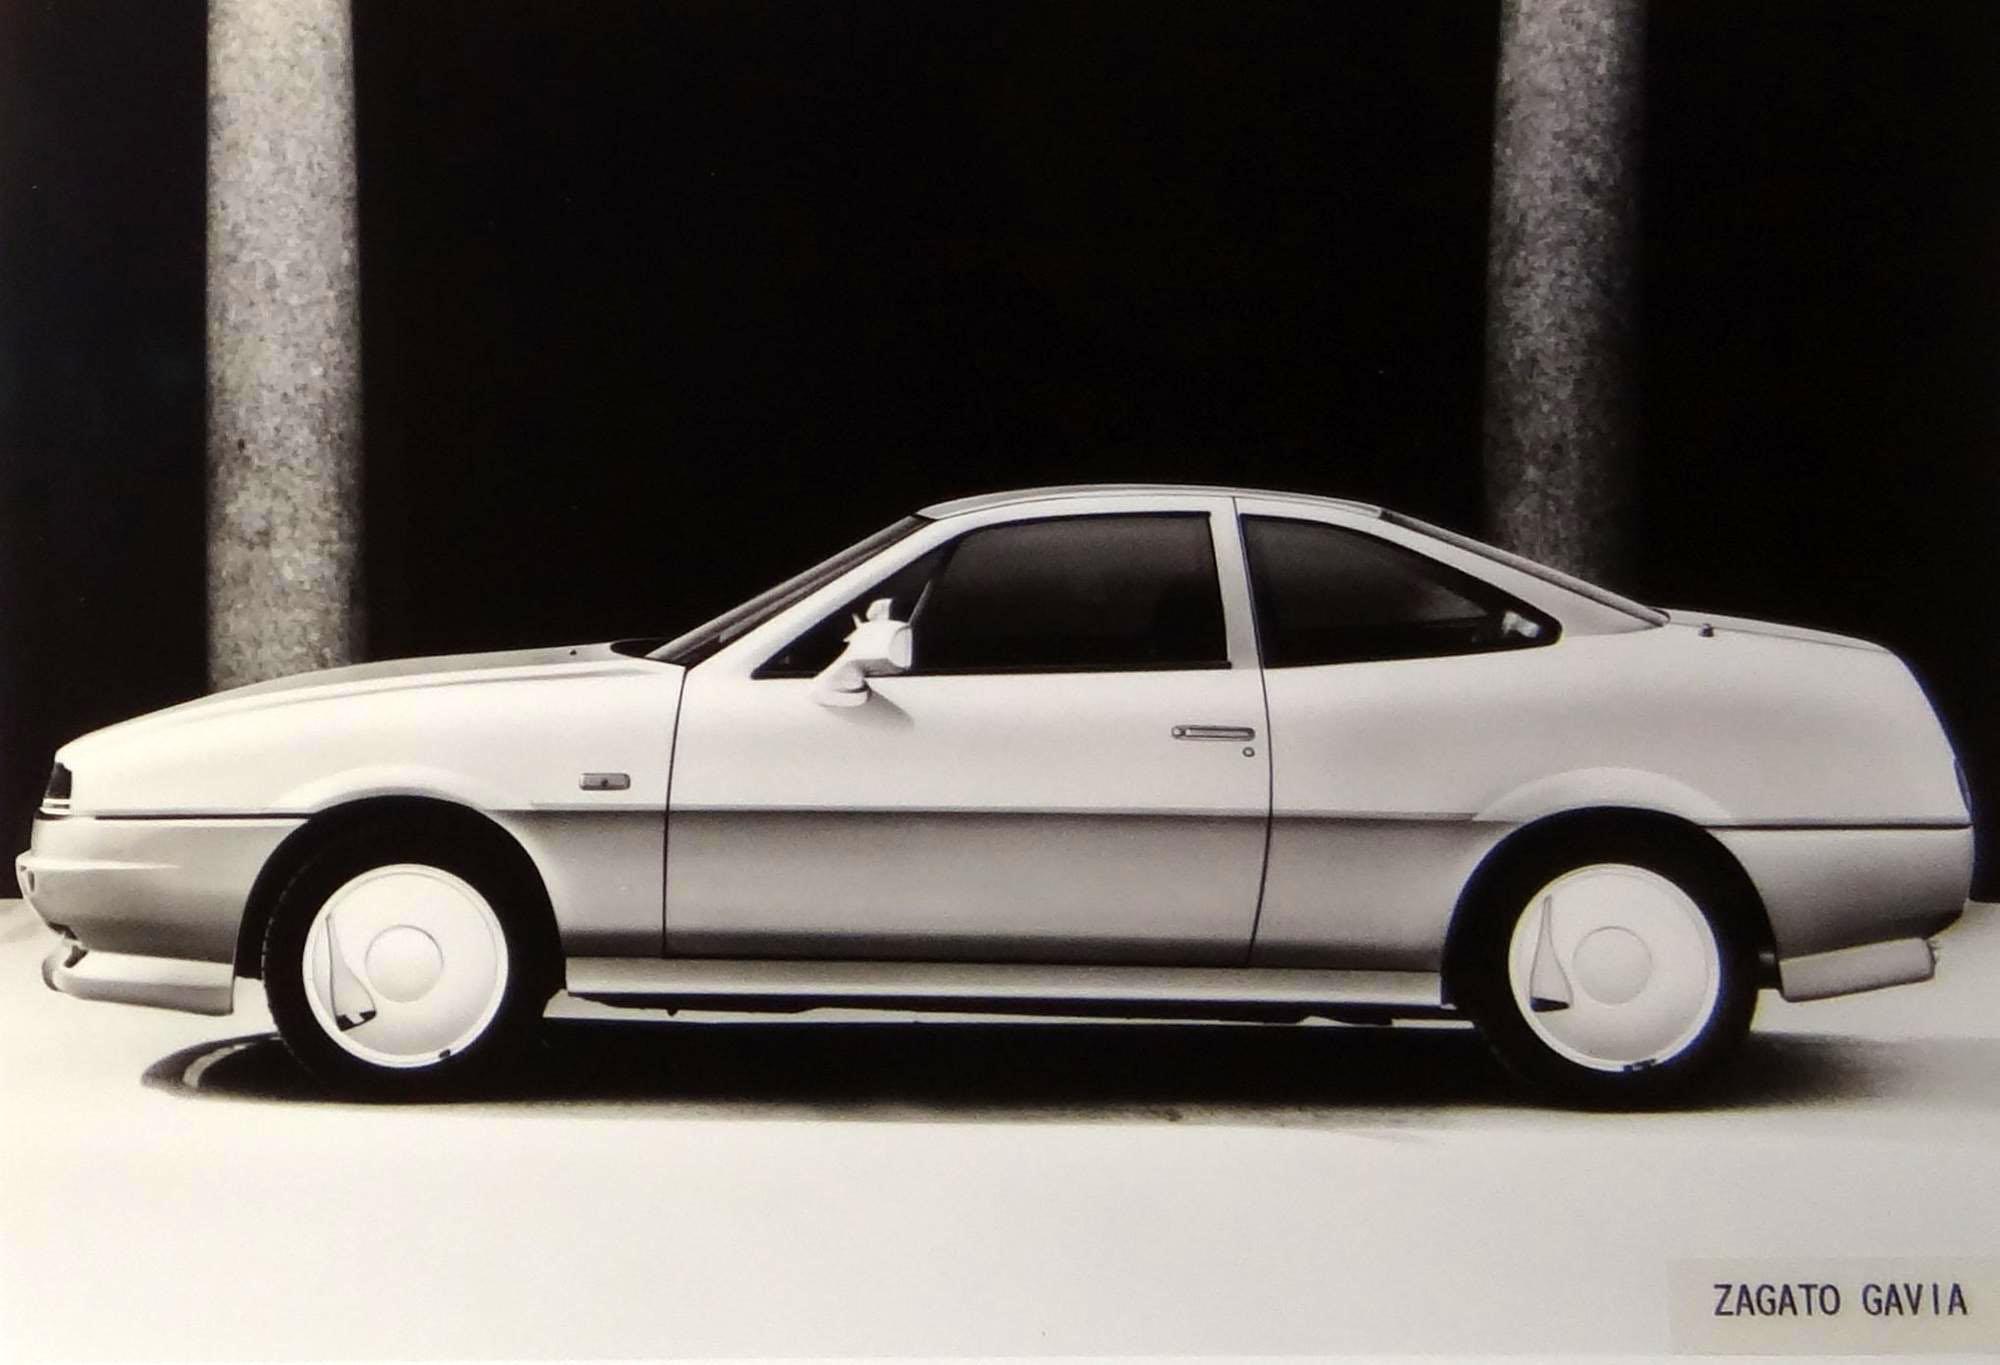 1991_Zagato_Autech_Gavia_06